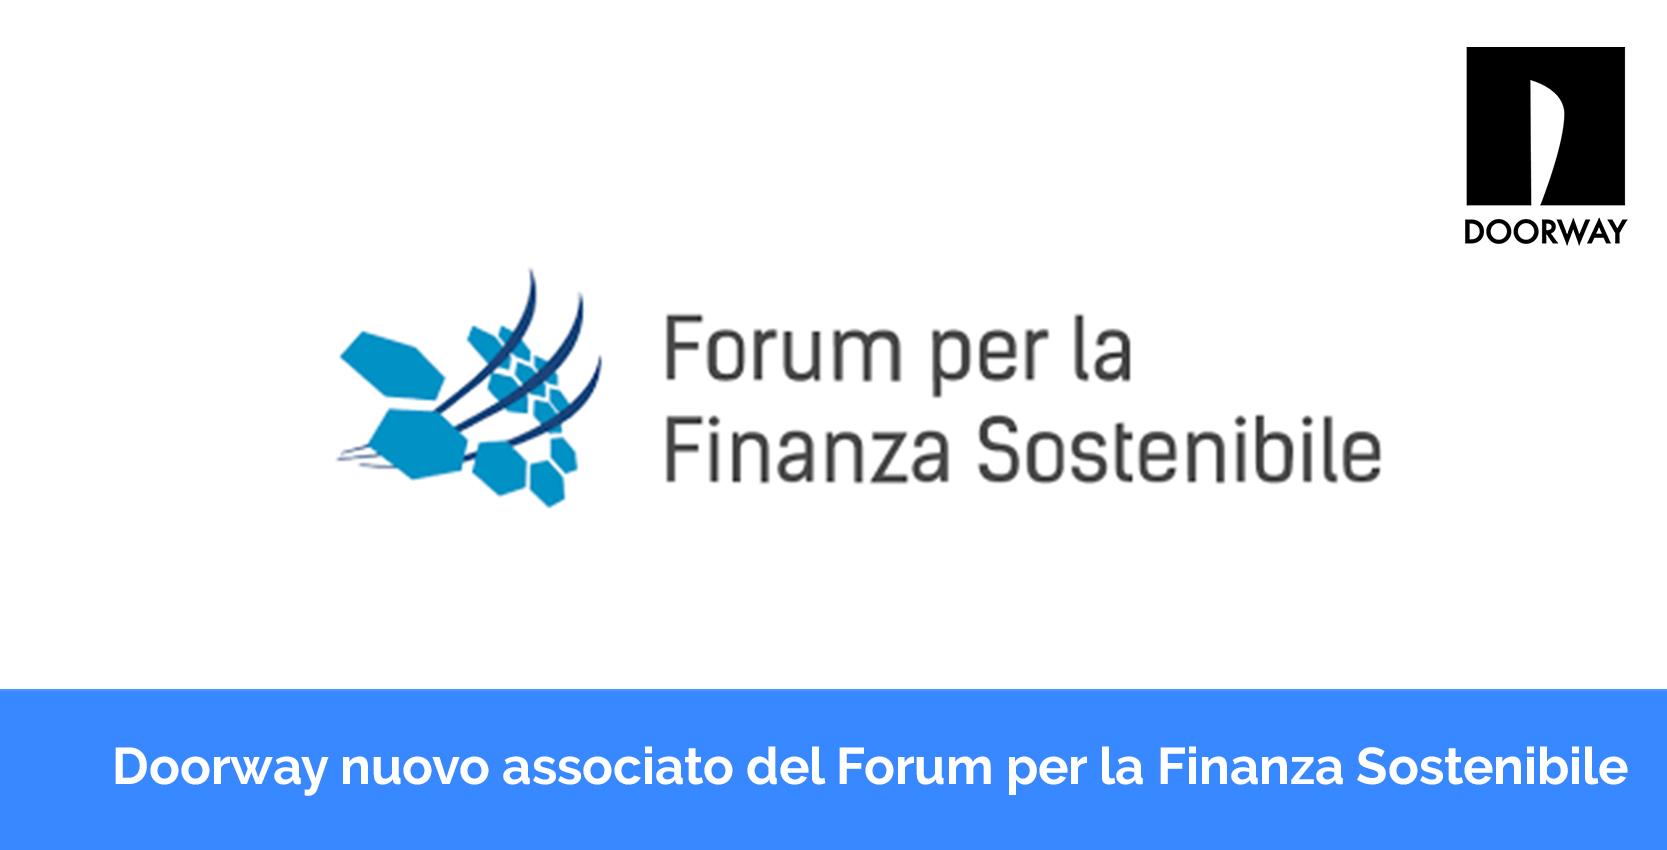 Doorway nuovo associato al Forum per la finanza sostenibil